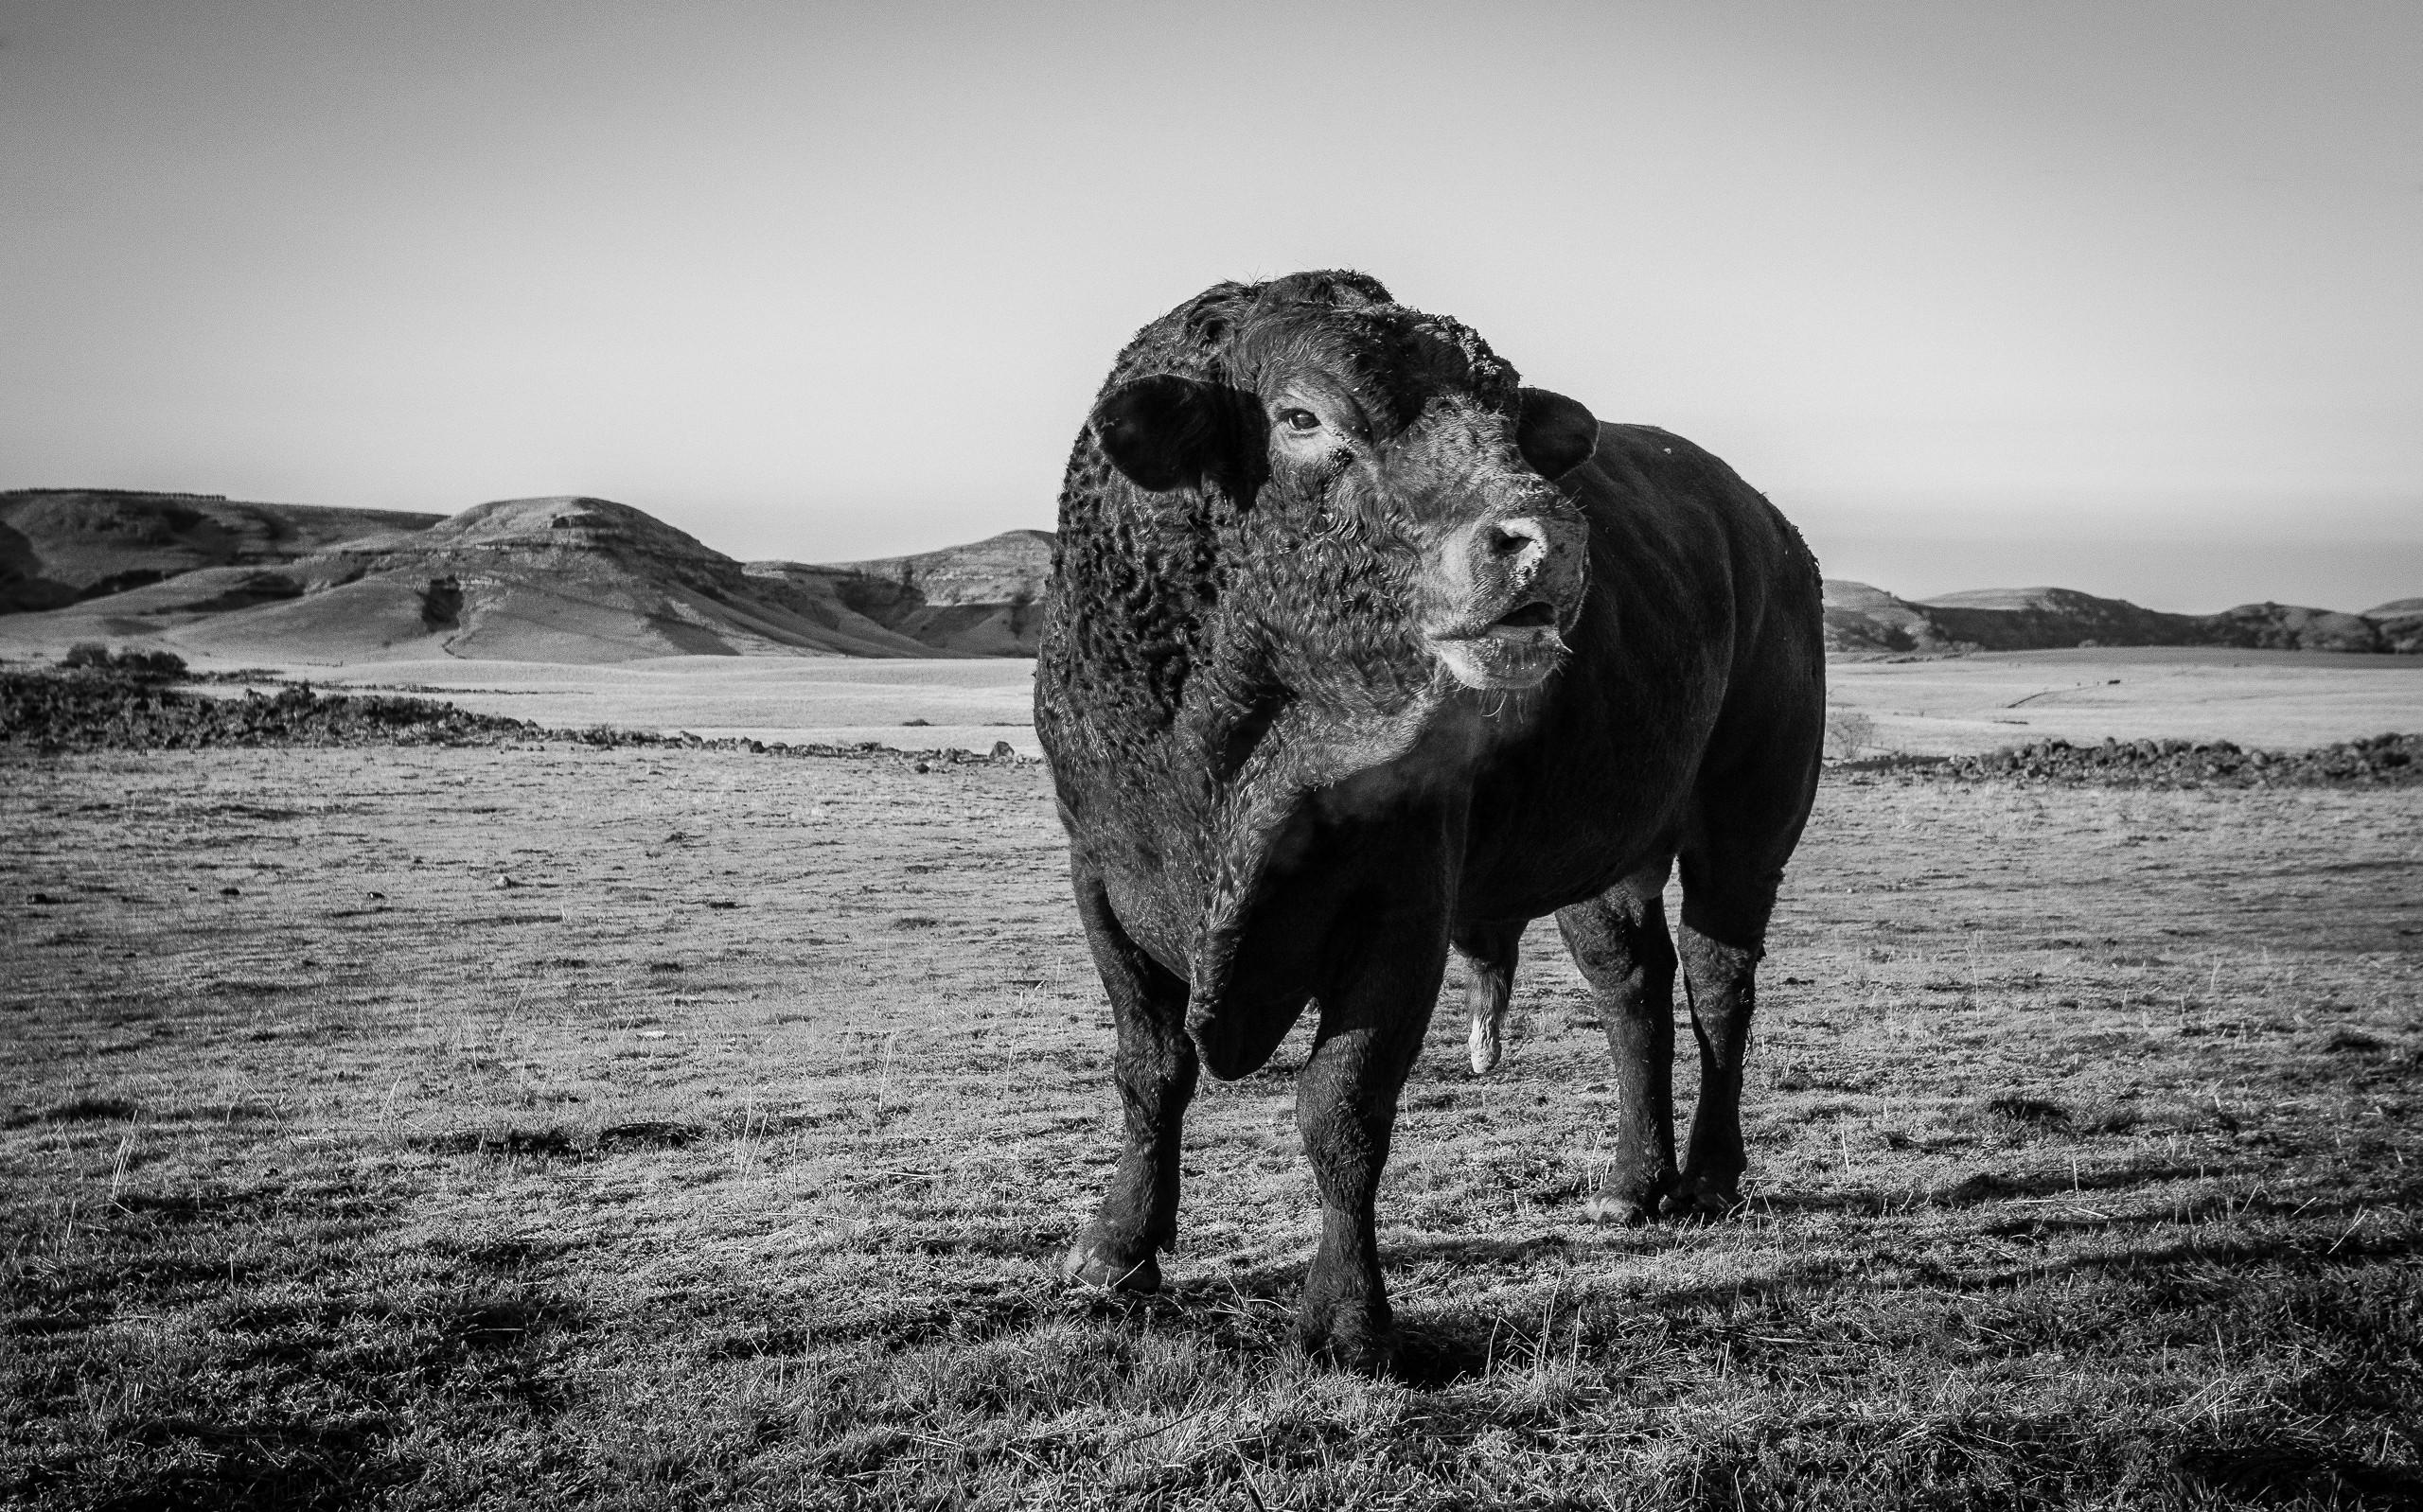 This Bull's Territory